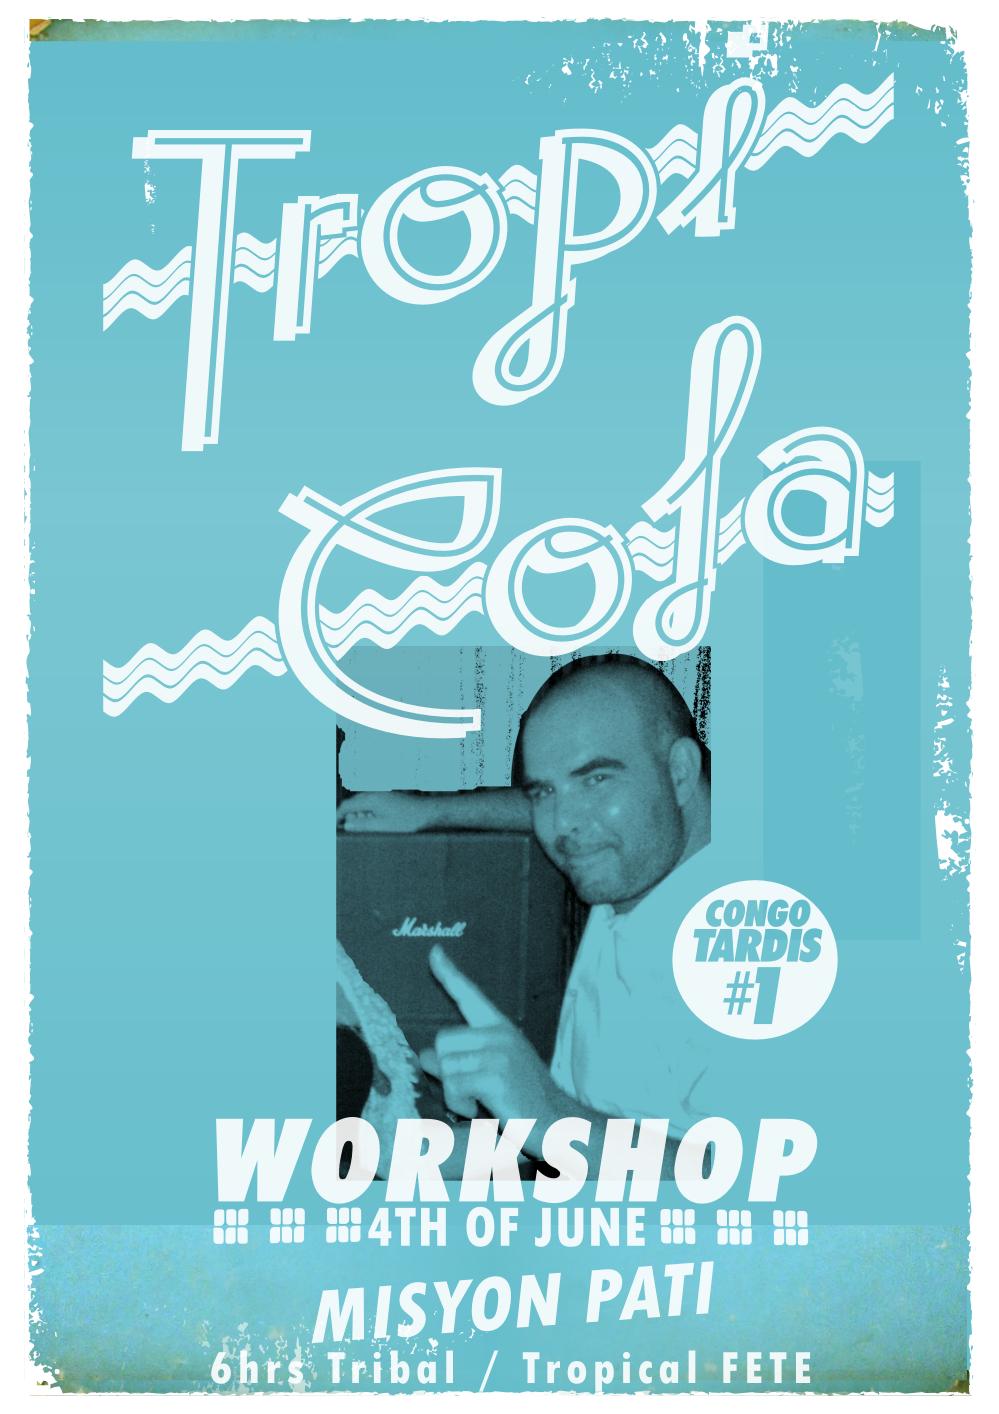 Tropicola June 2011 - Poster